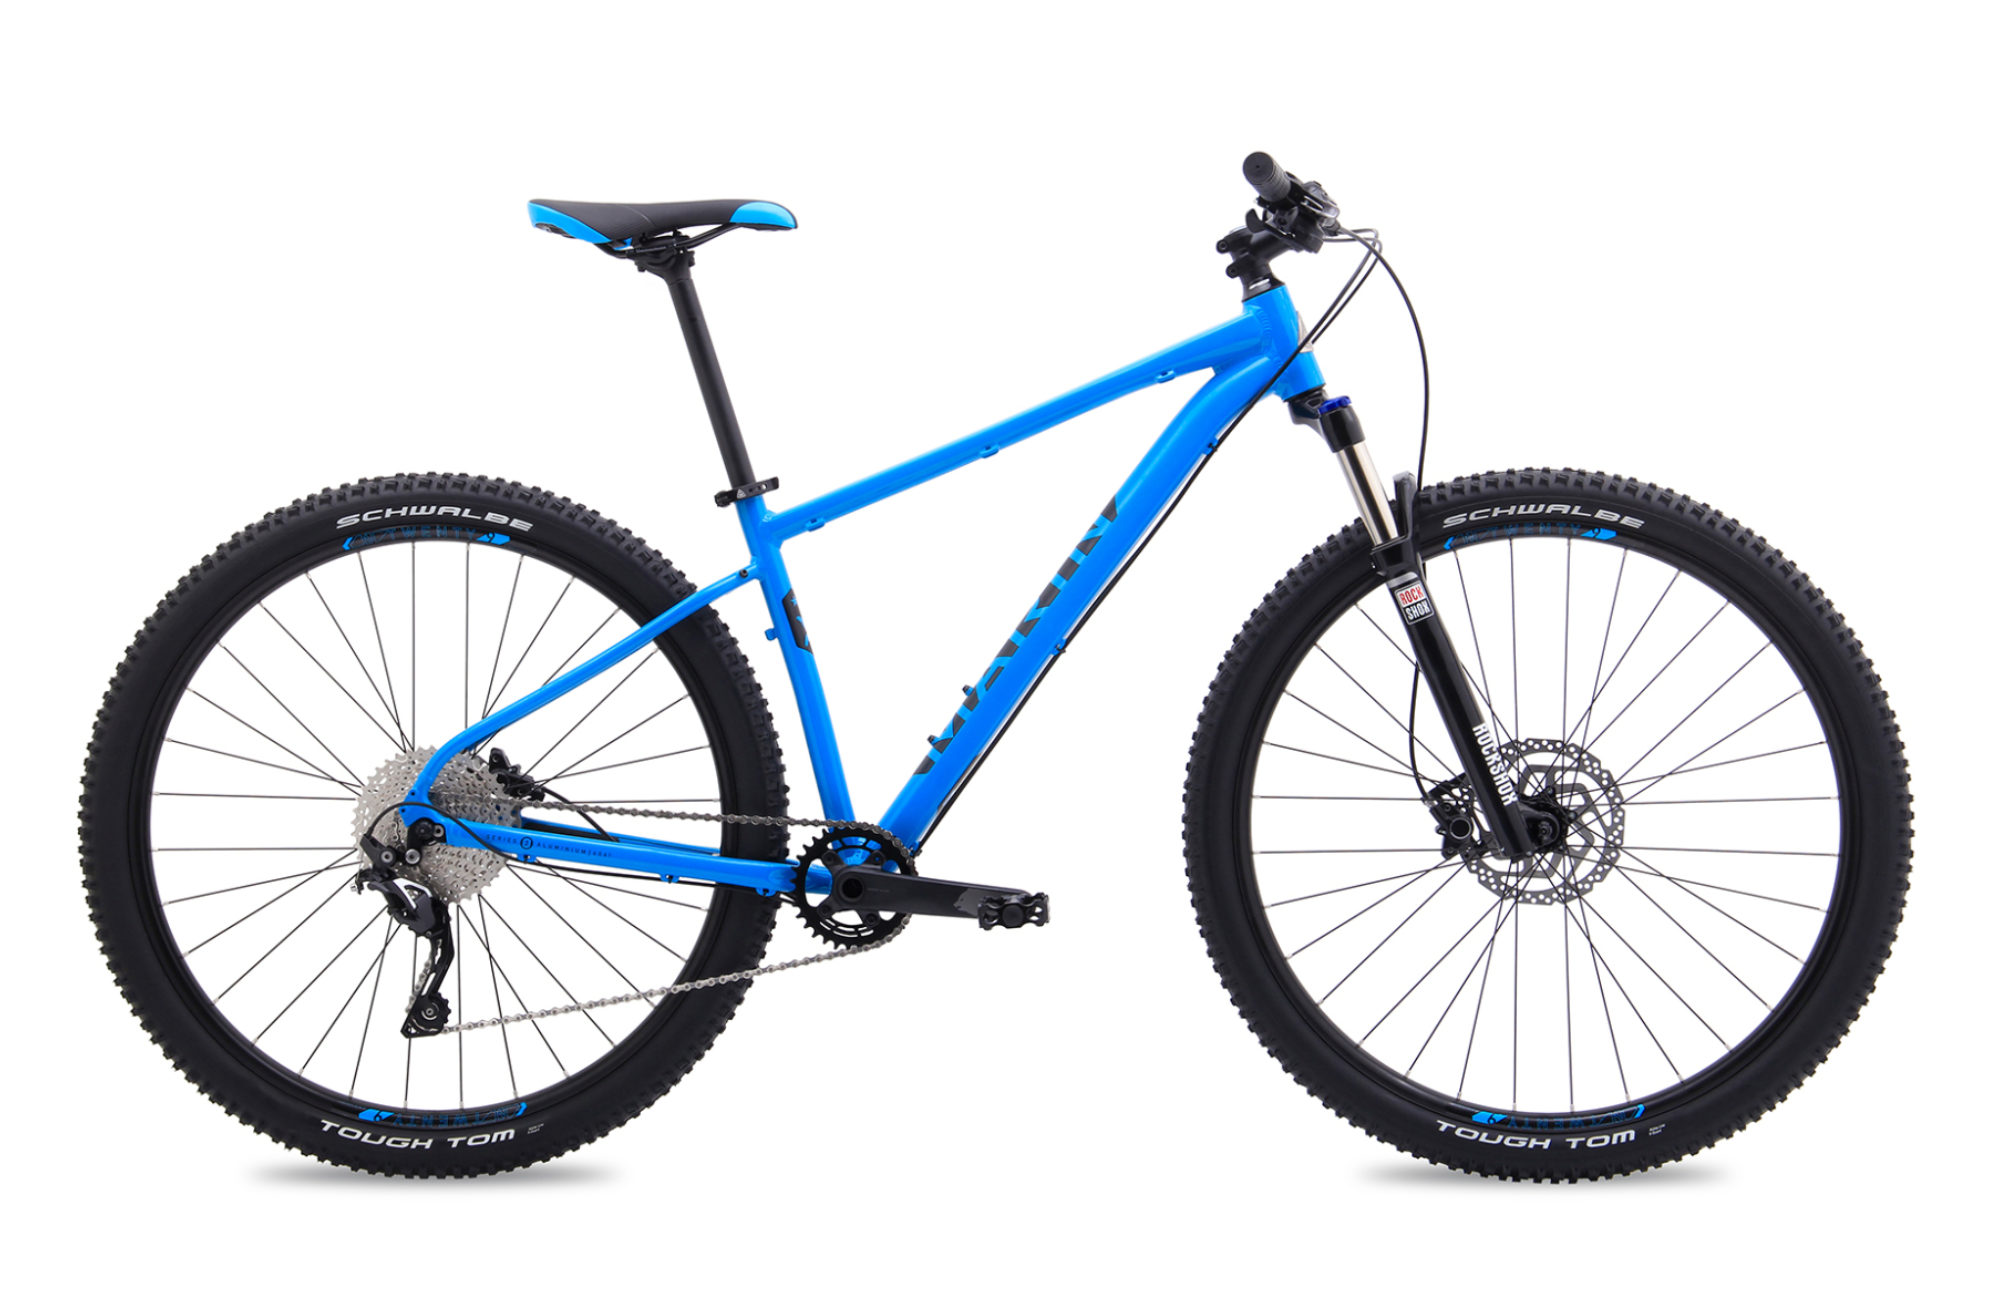 Marin Bobcat Trail 5 29er Hardtail Mountain Bike 2018 Blue